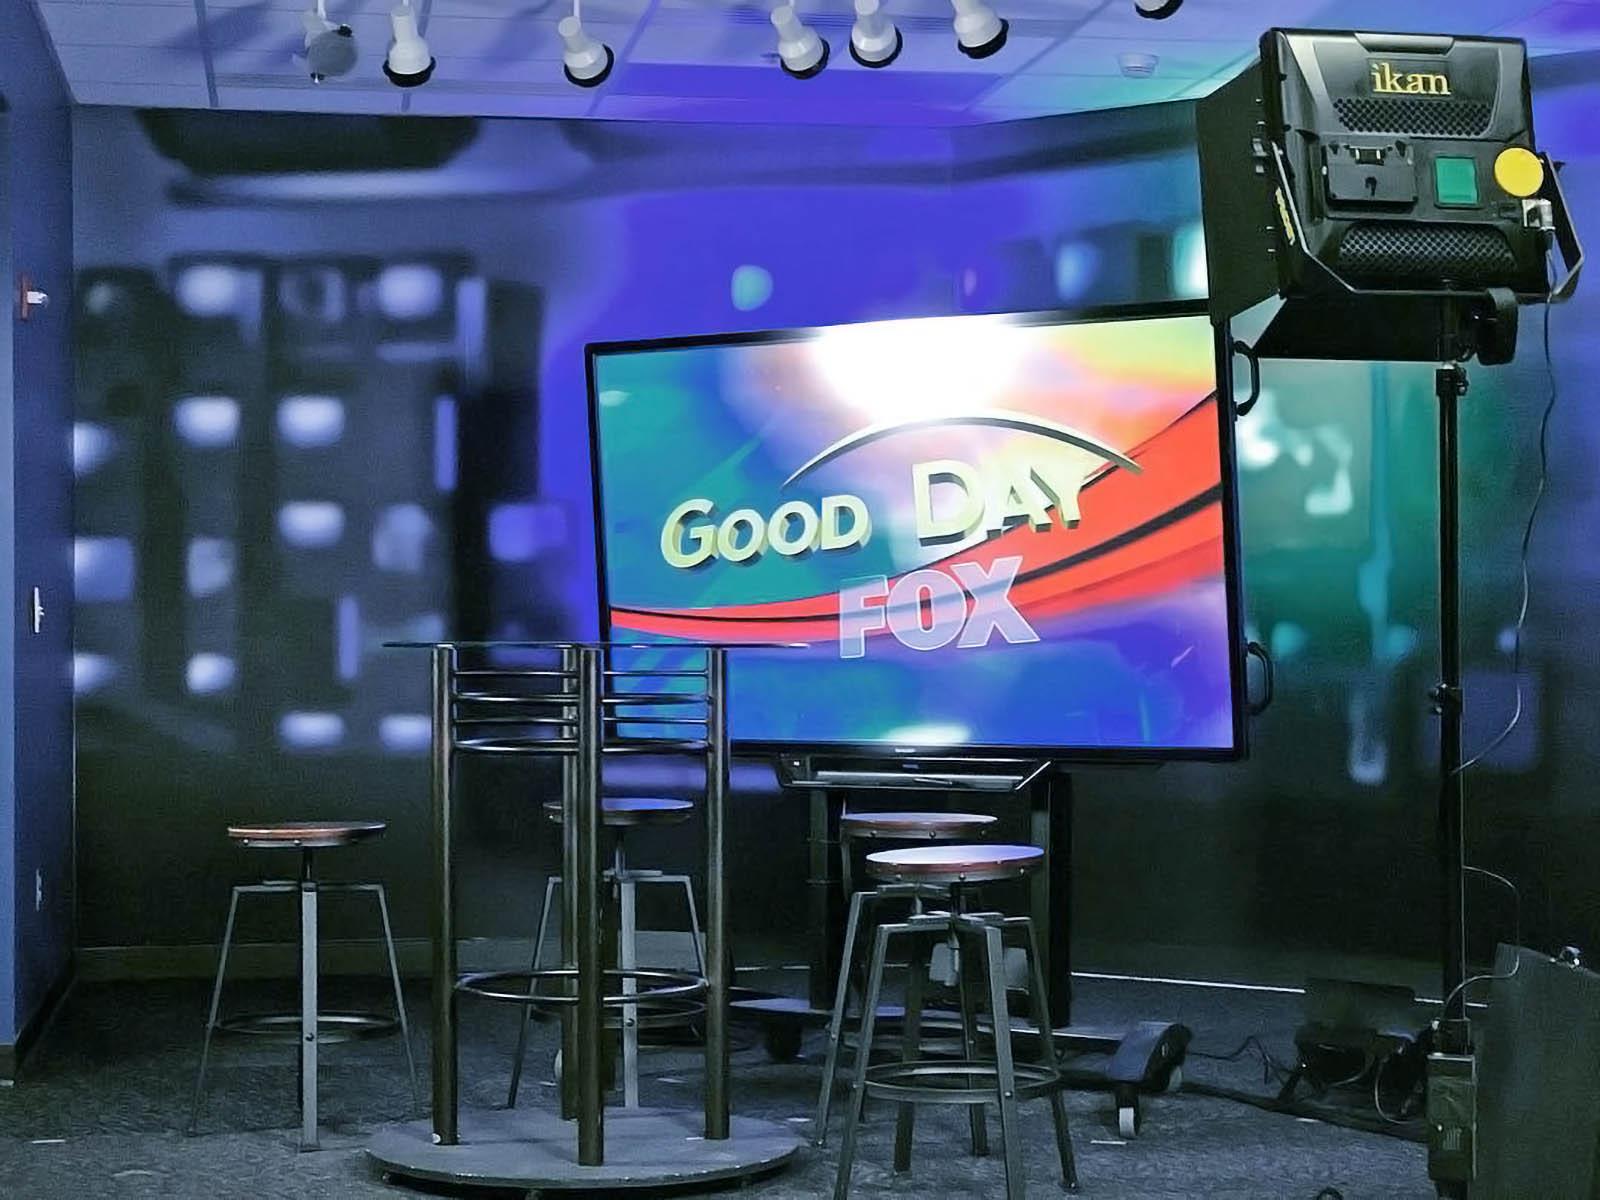 Studio of KAYU TV Morning News